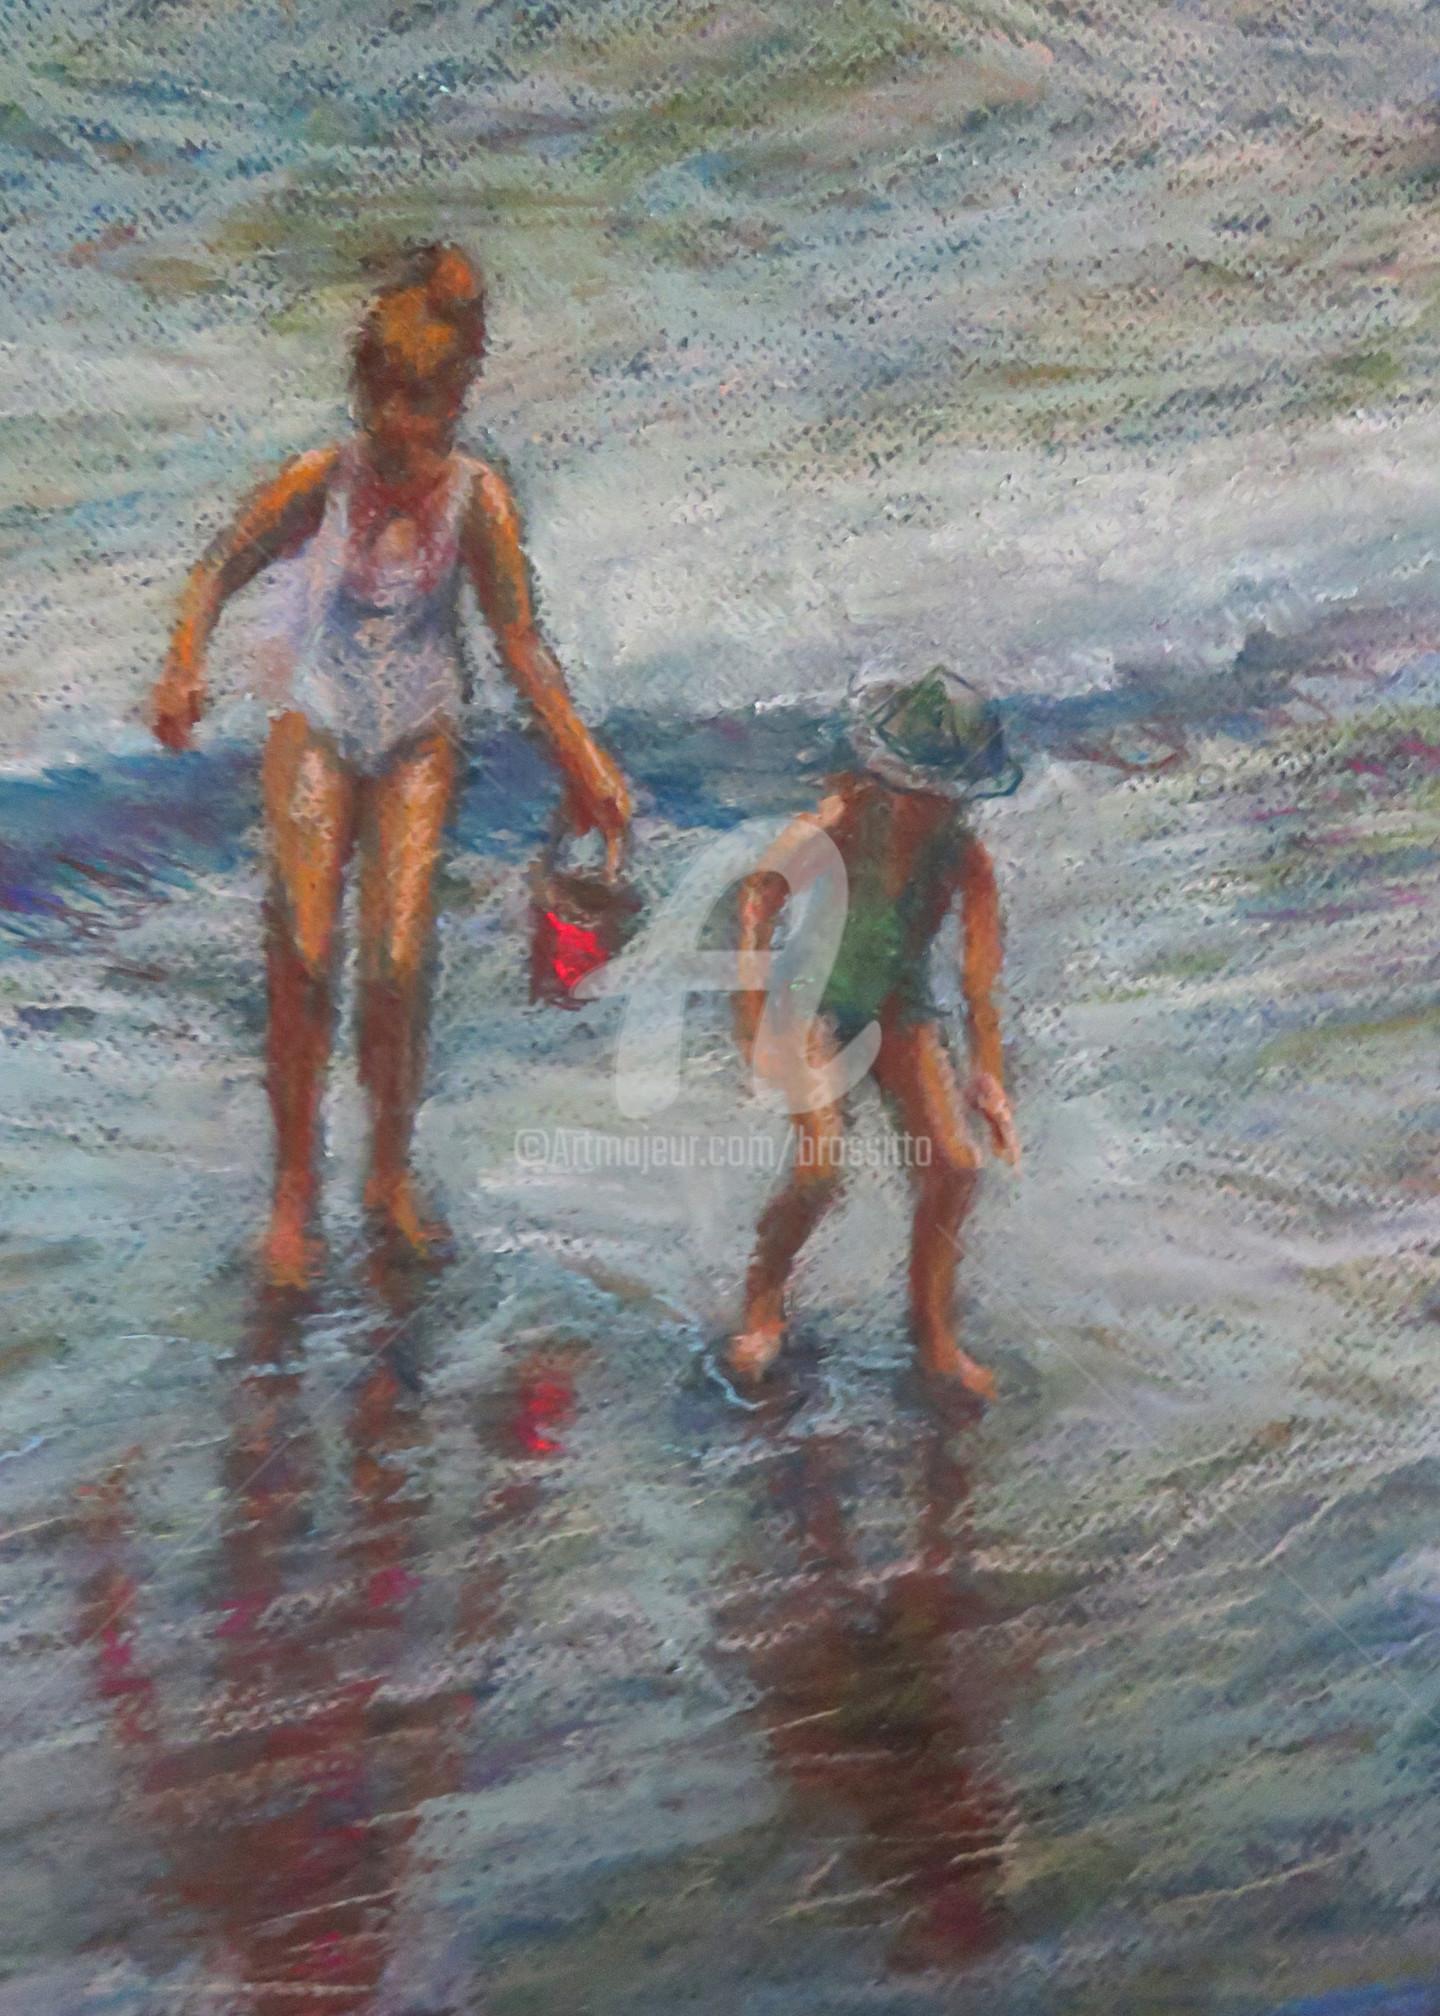 B.Rossitto - By the sea